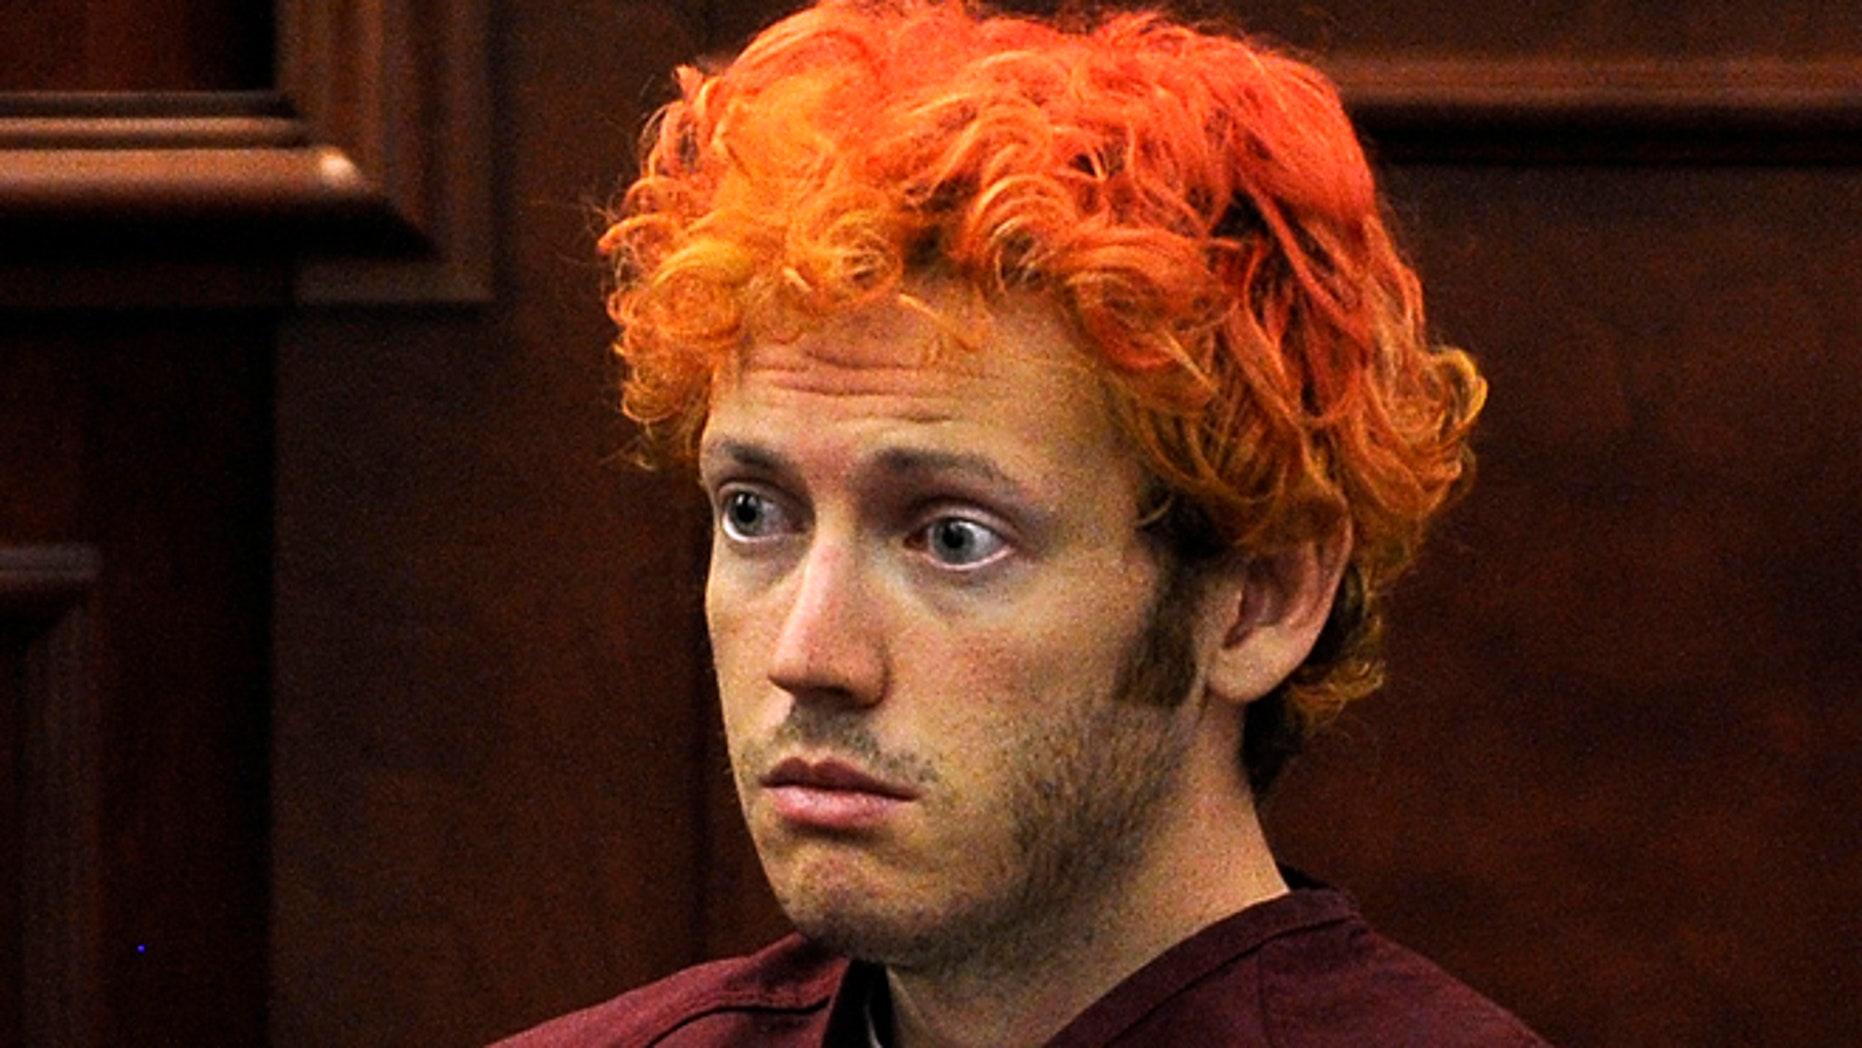 Colorado shooting suspect James Eagan Holmes is seen in this 2012 photo.